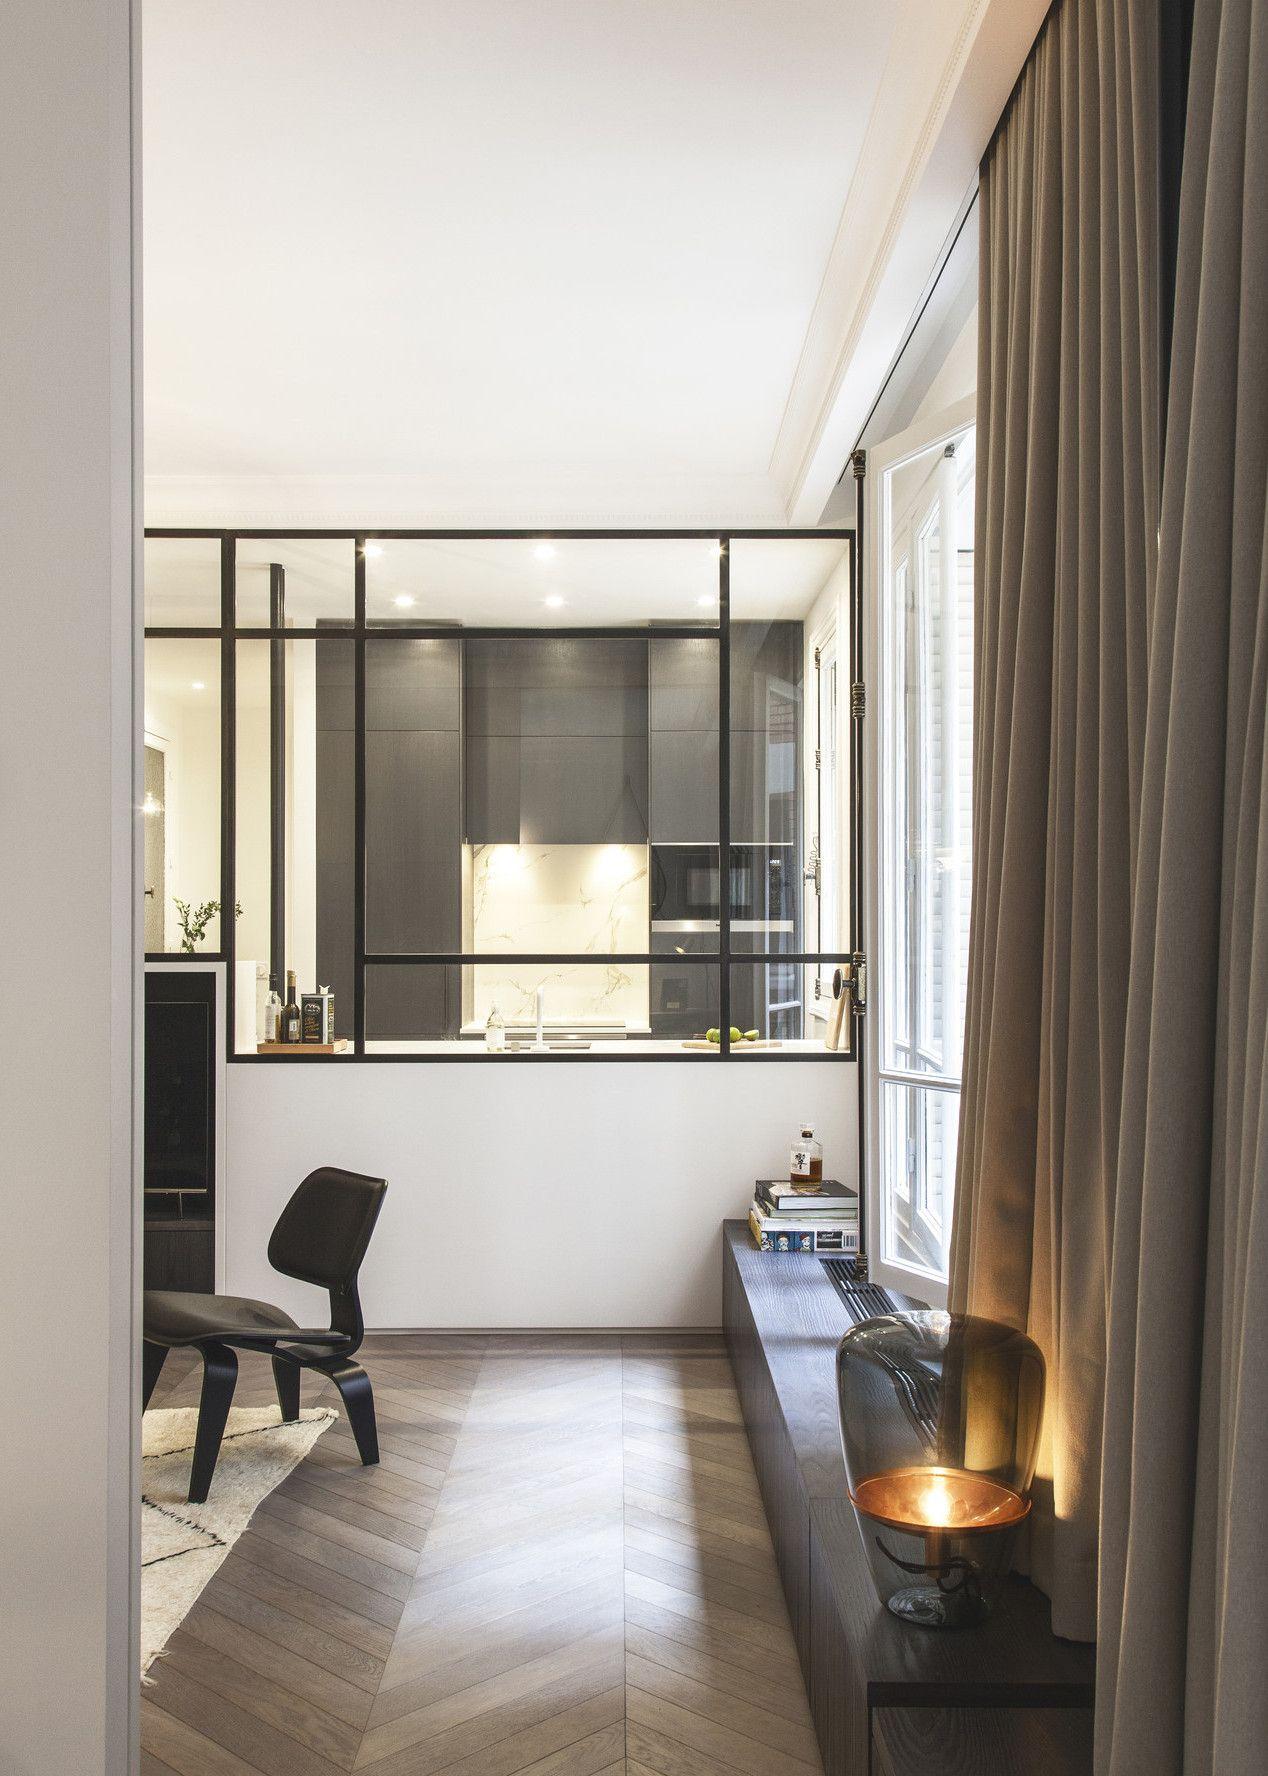 Une d coration zen dans un appartement parisien planete deco a homes world design interior - Appartement parisien decoration ...